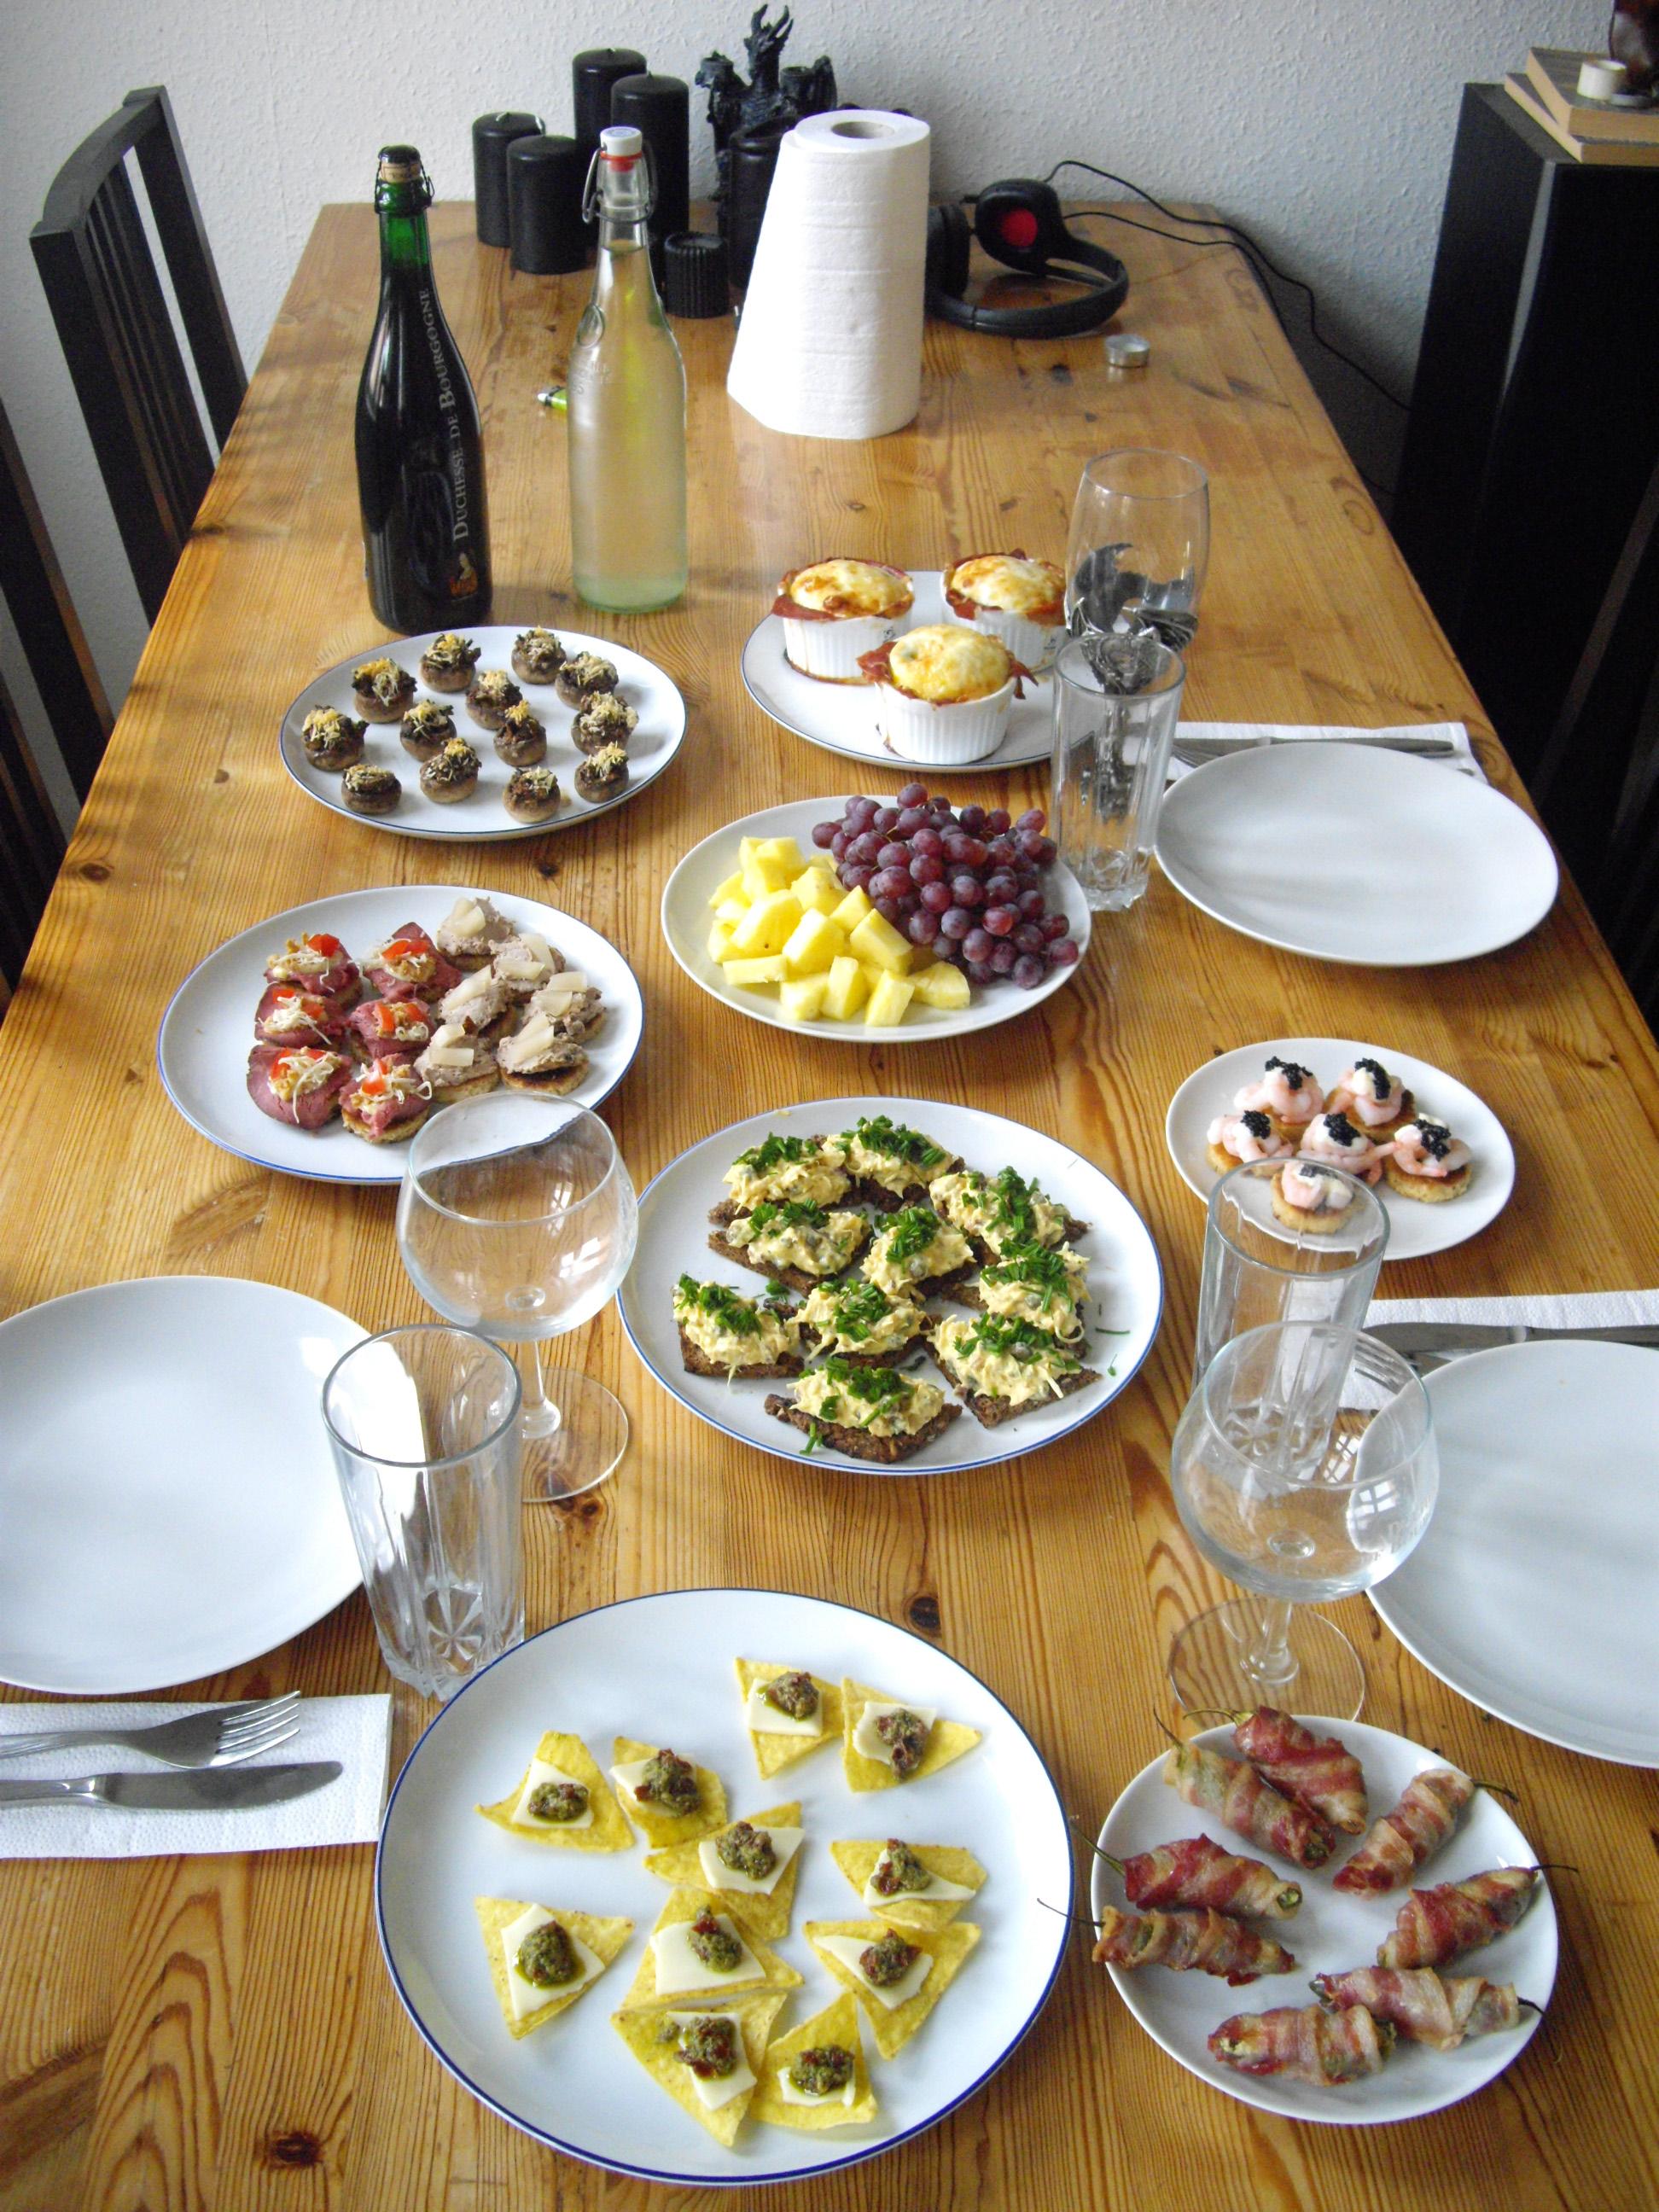 frokost opskrifter med billeder